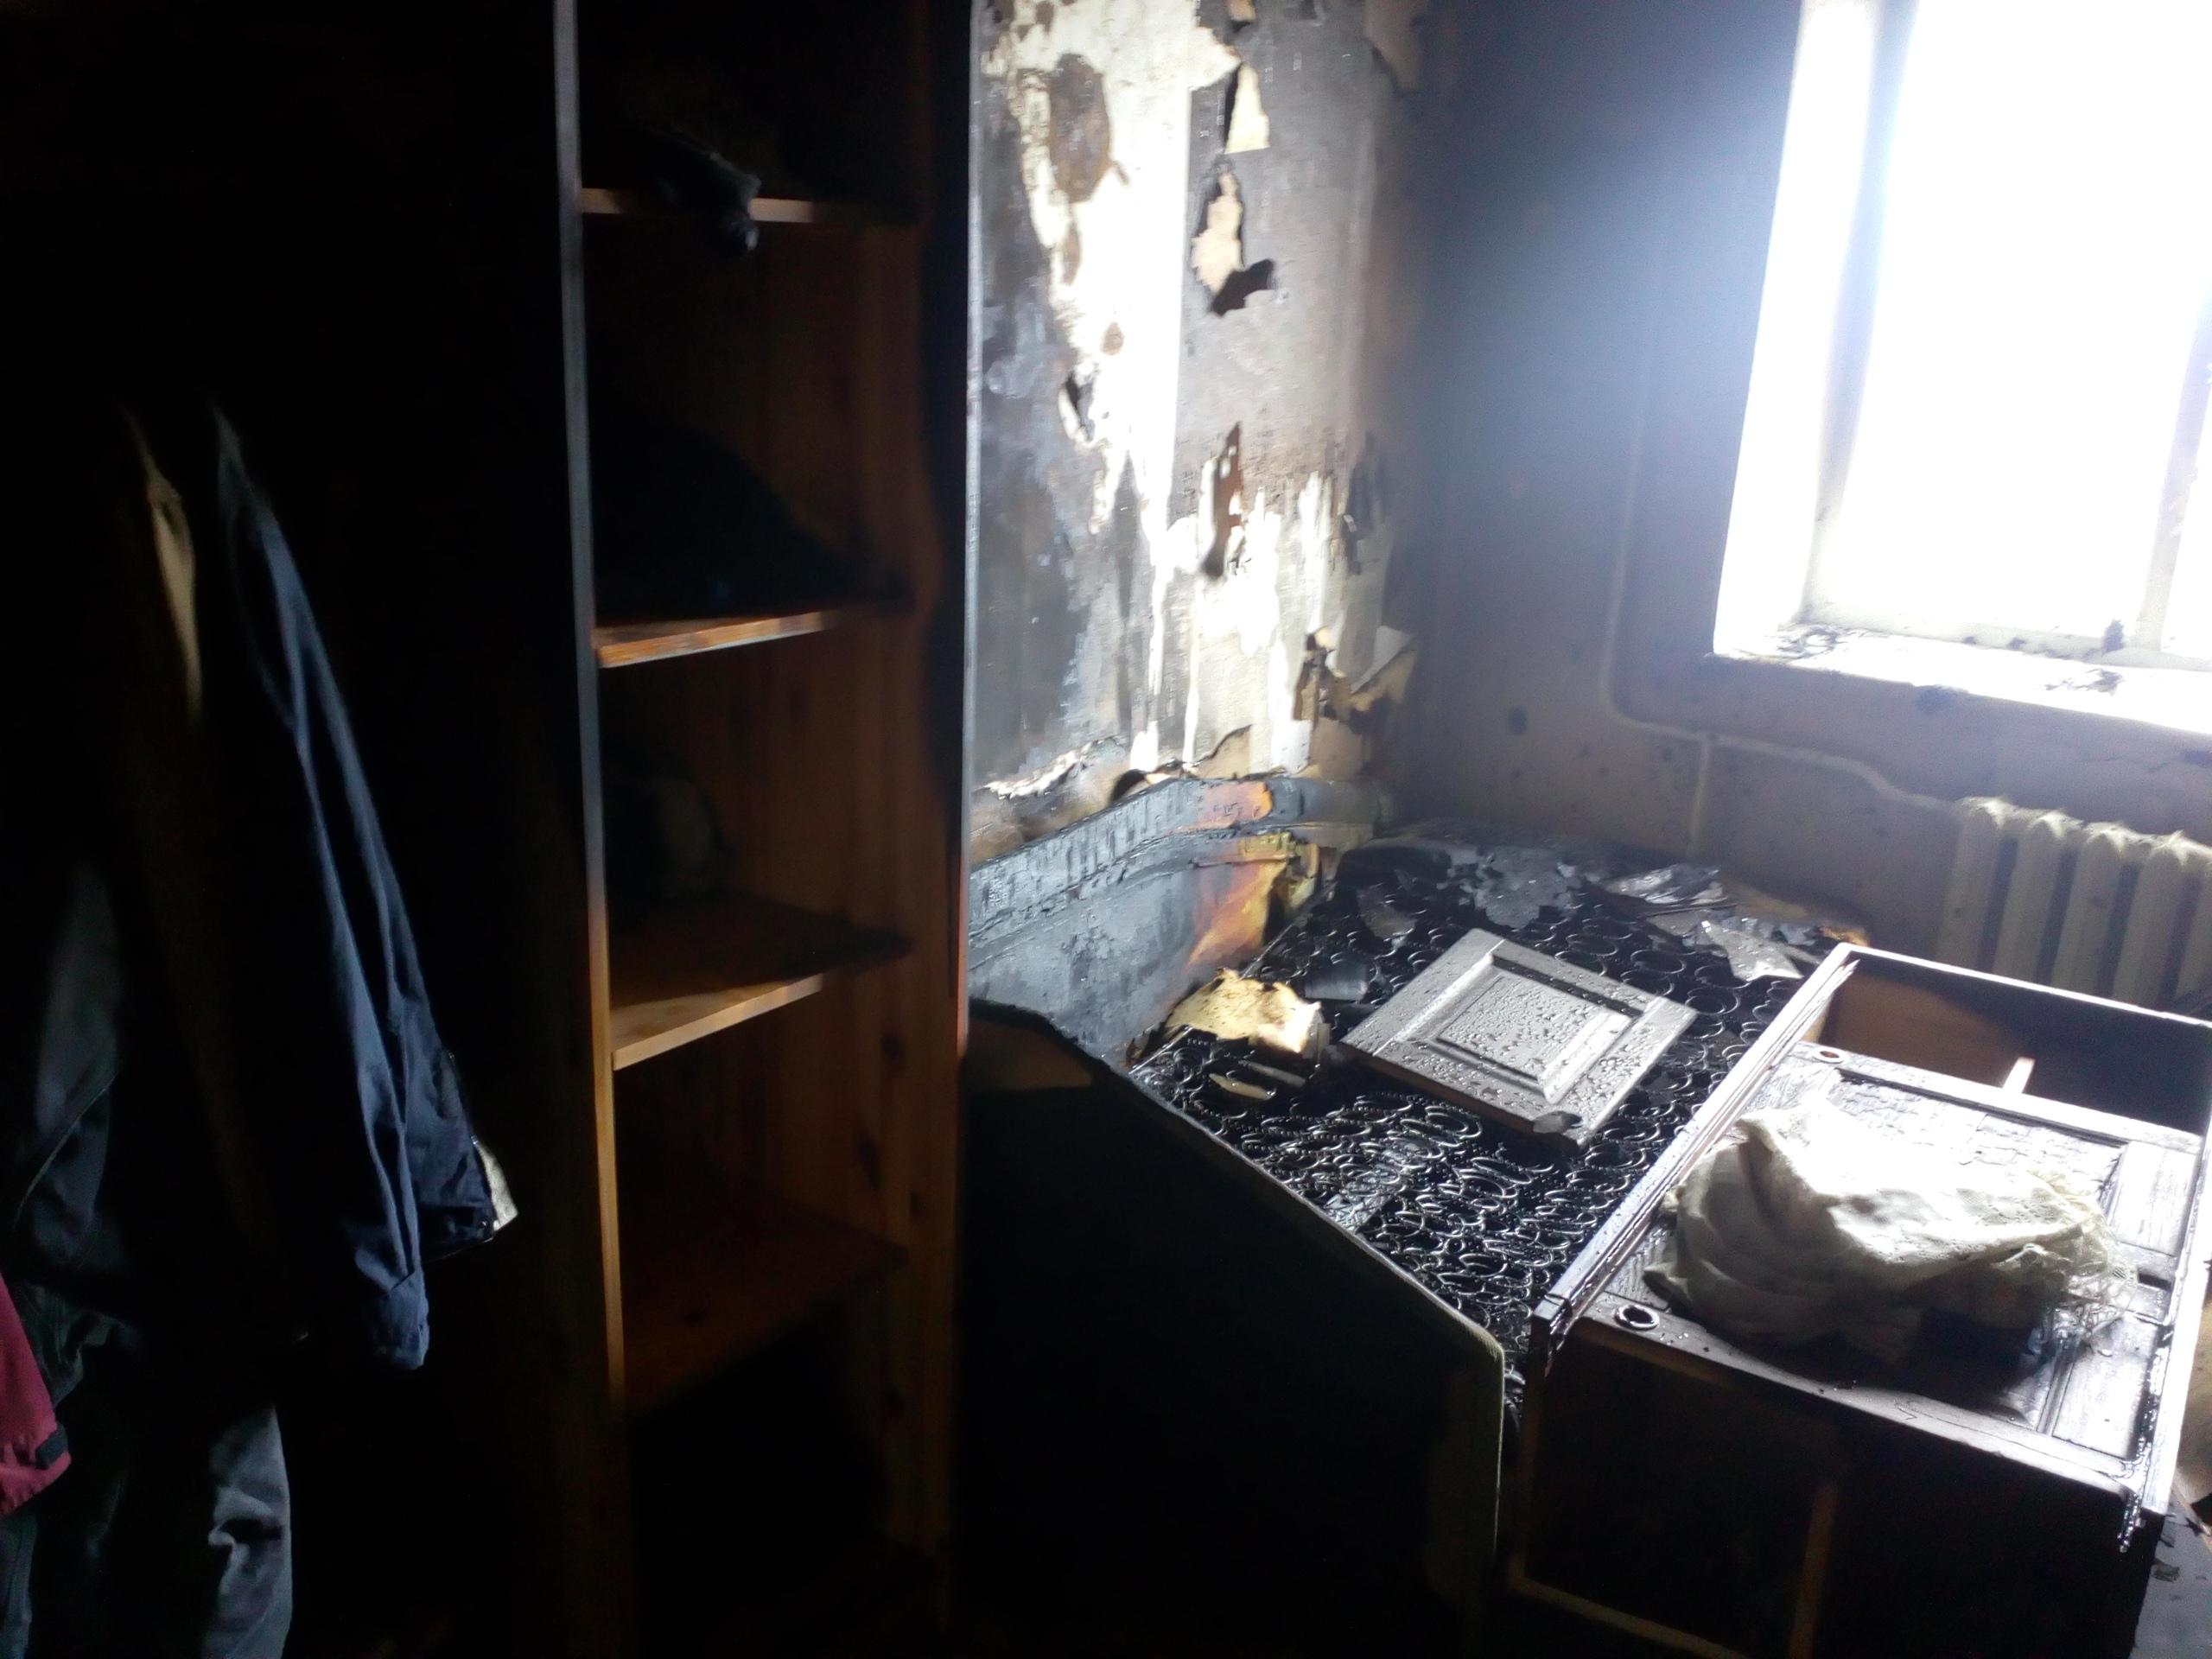 В Череповце девушка, арендовавшая квартиру, украла из нее все, включая розетки